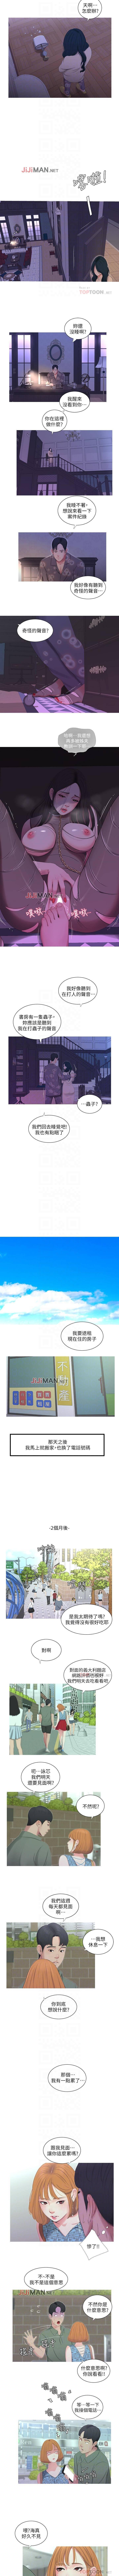 【周四连载】亲家四姐妹(作者:愛摸) 第1~31话 60